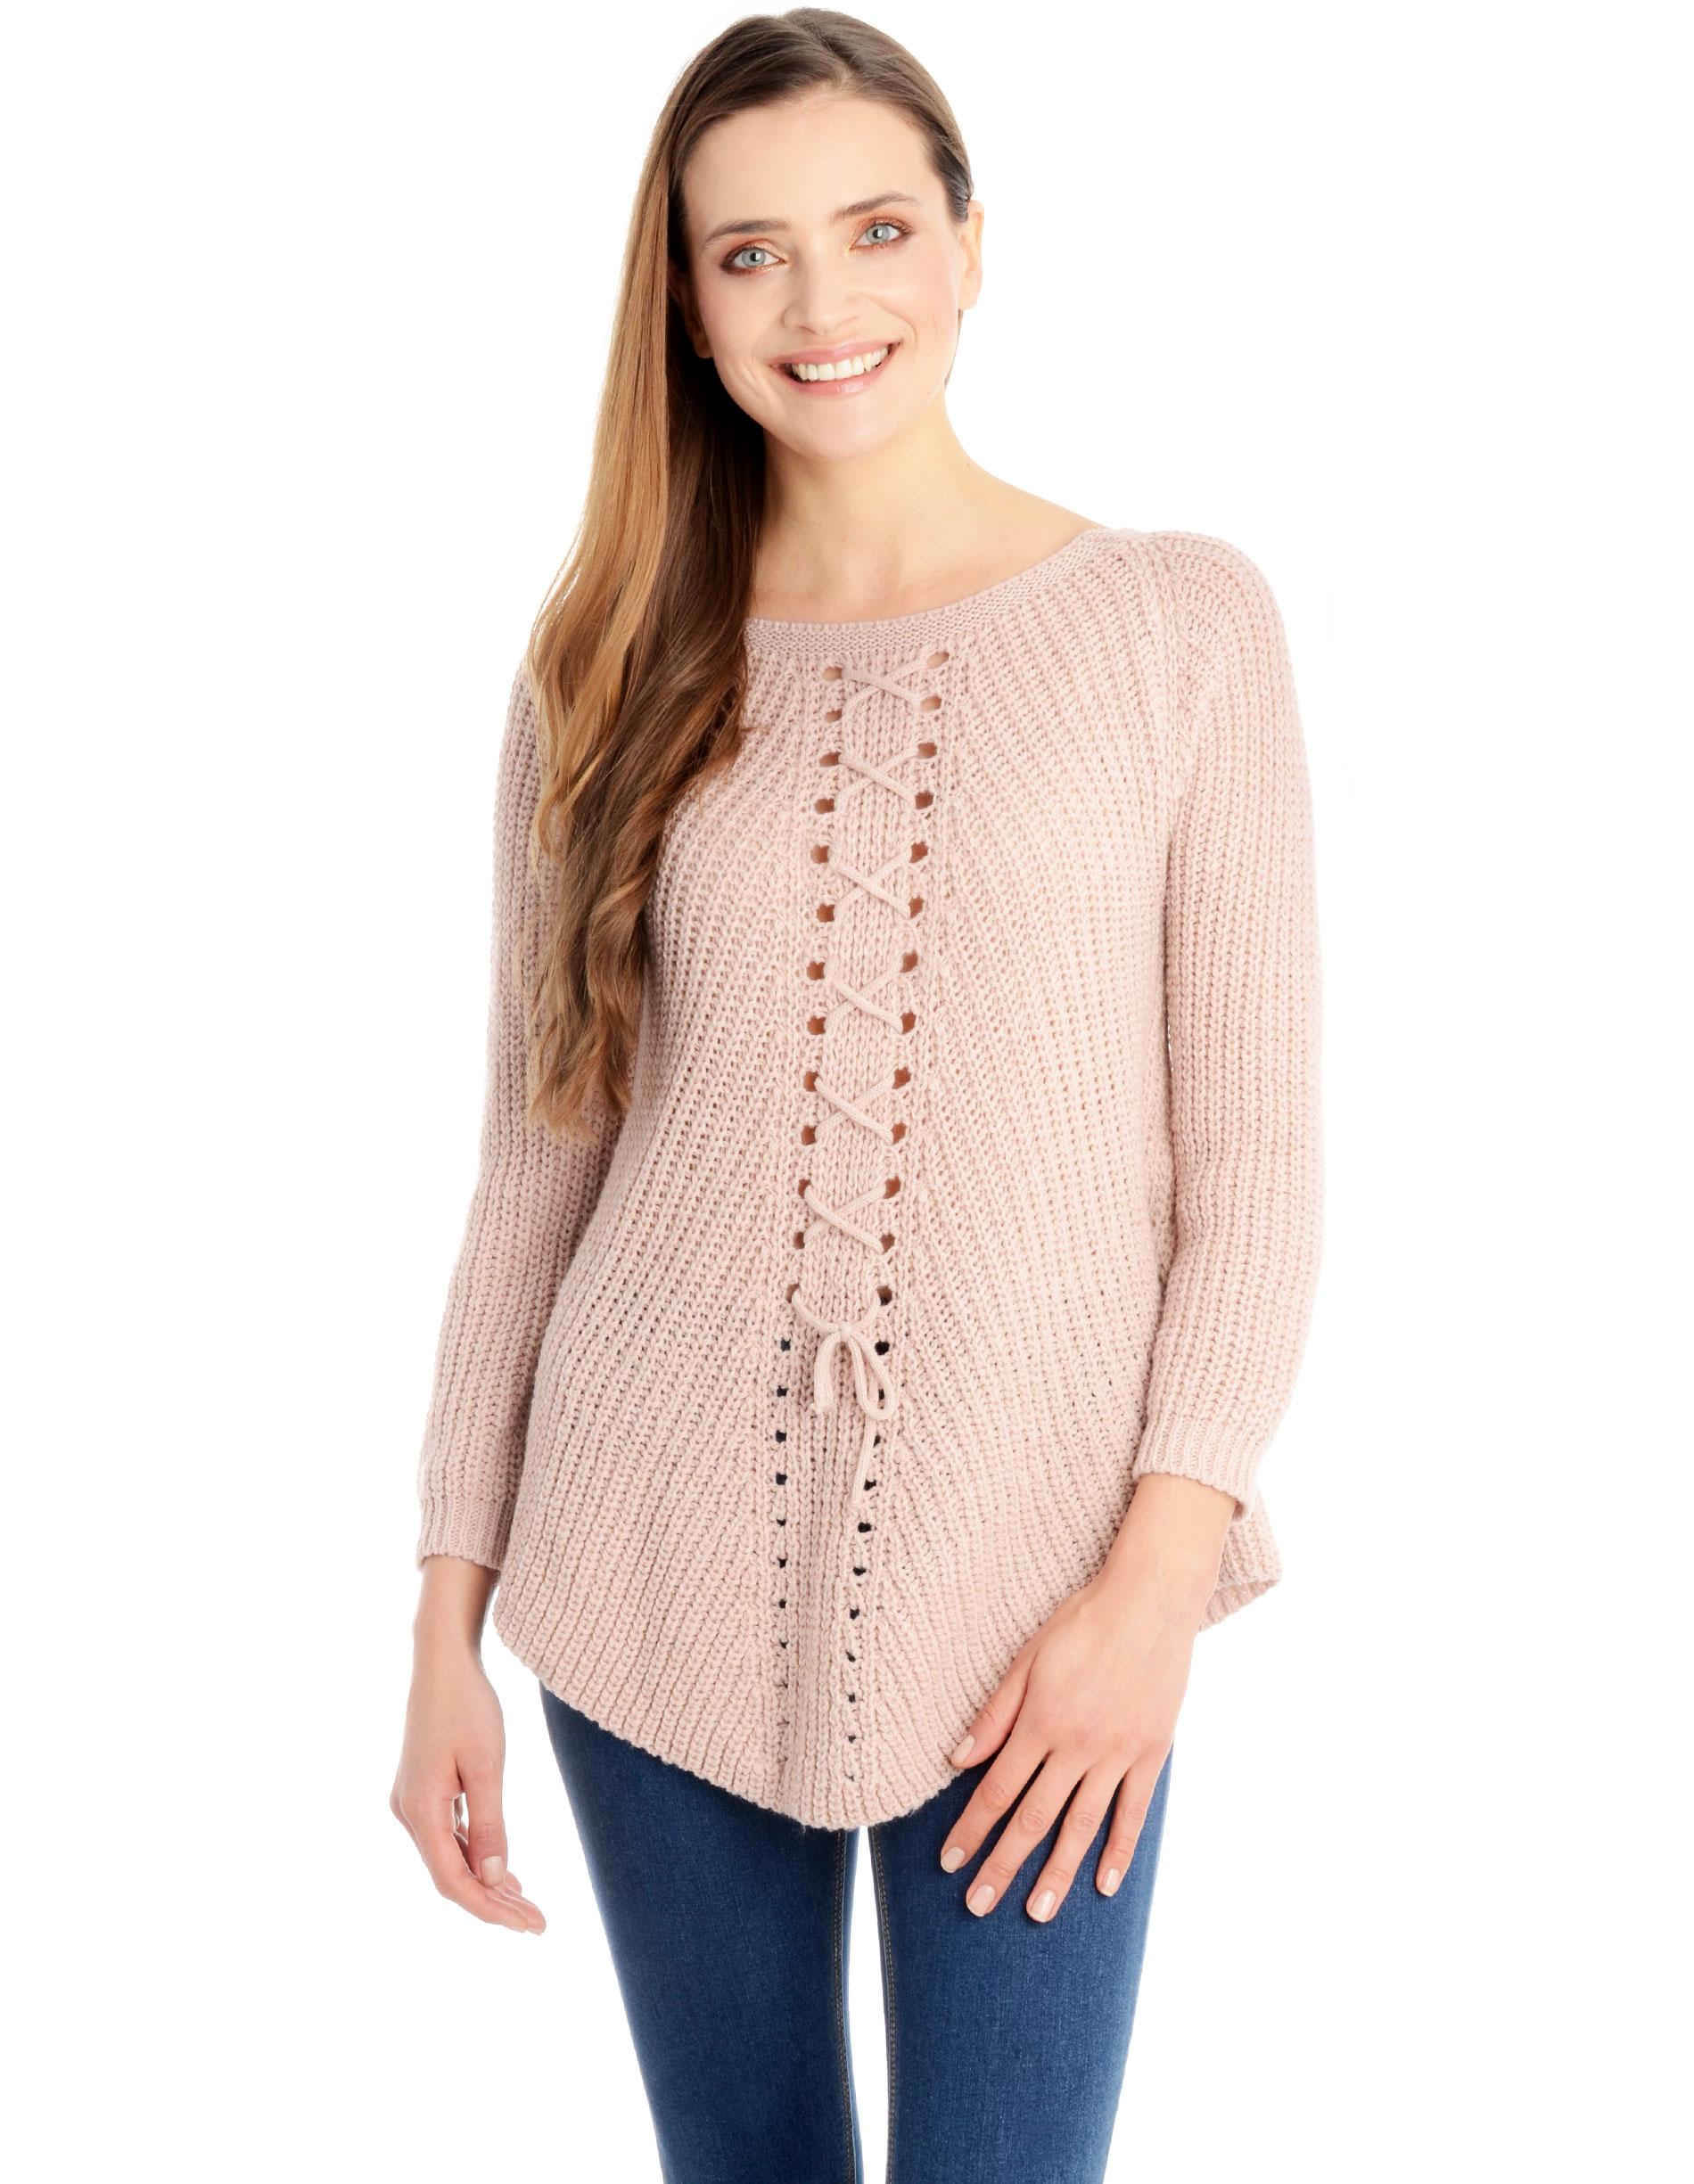 Sweter - 4-5376 ROSA - Unisono